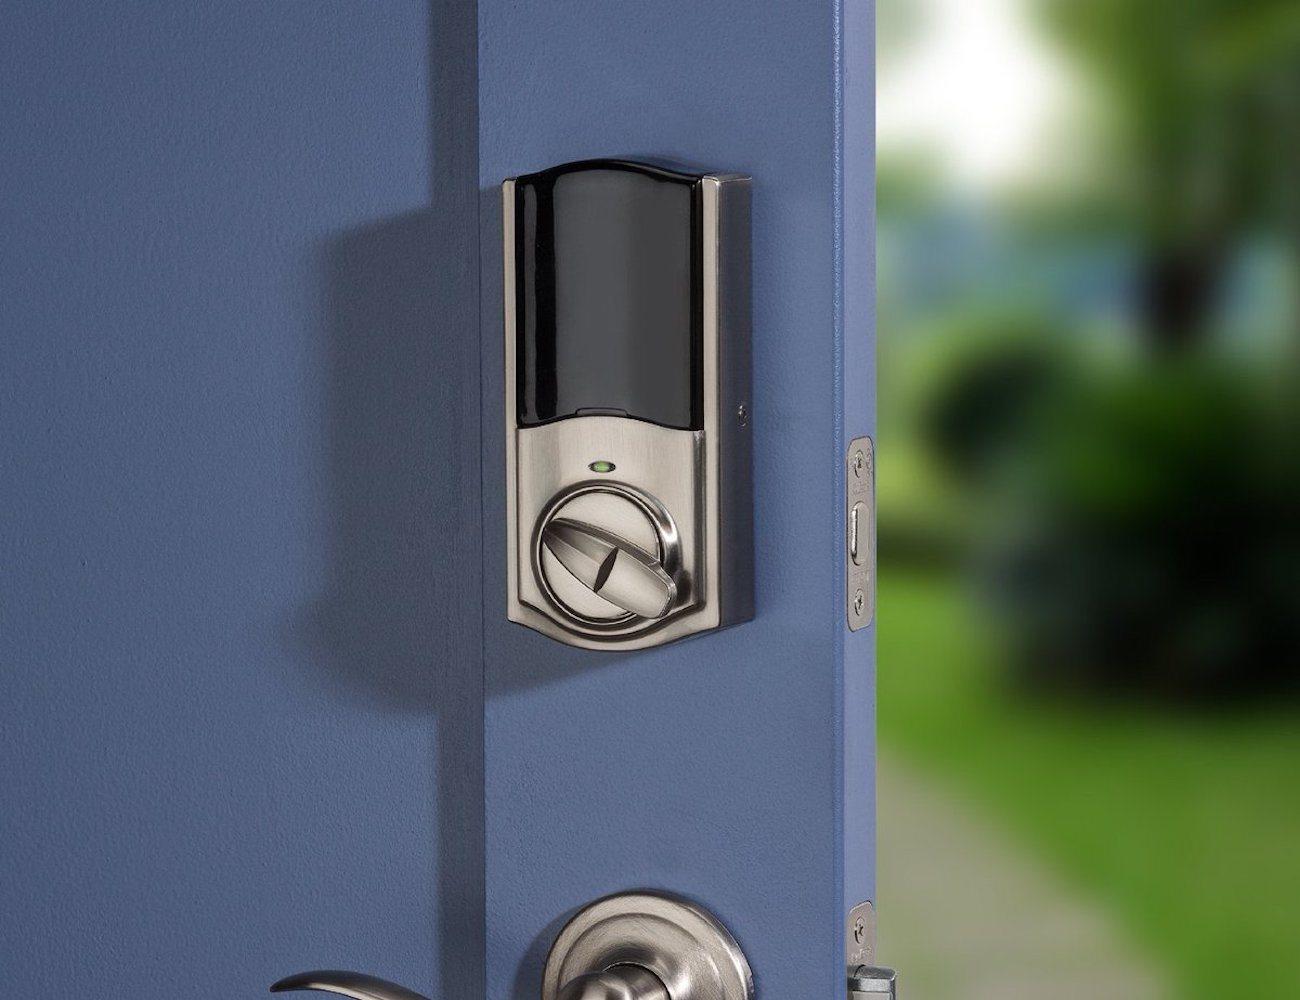 Kevo Convert Smart Lock Kit